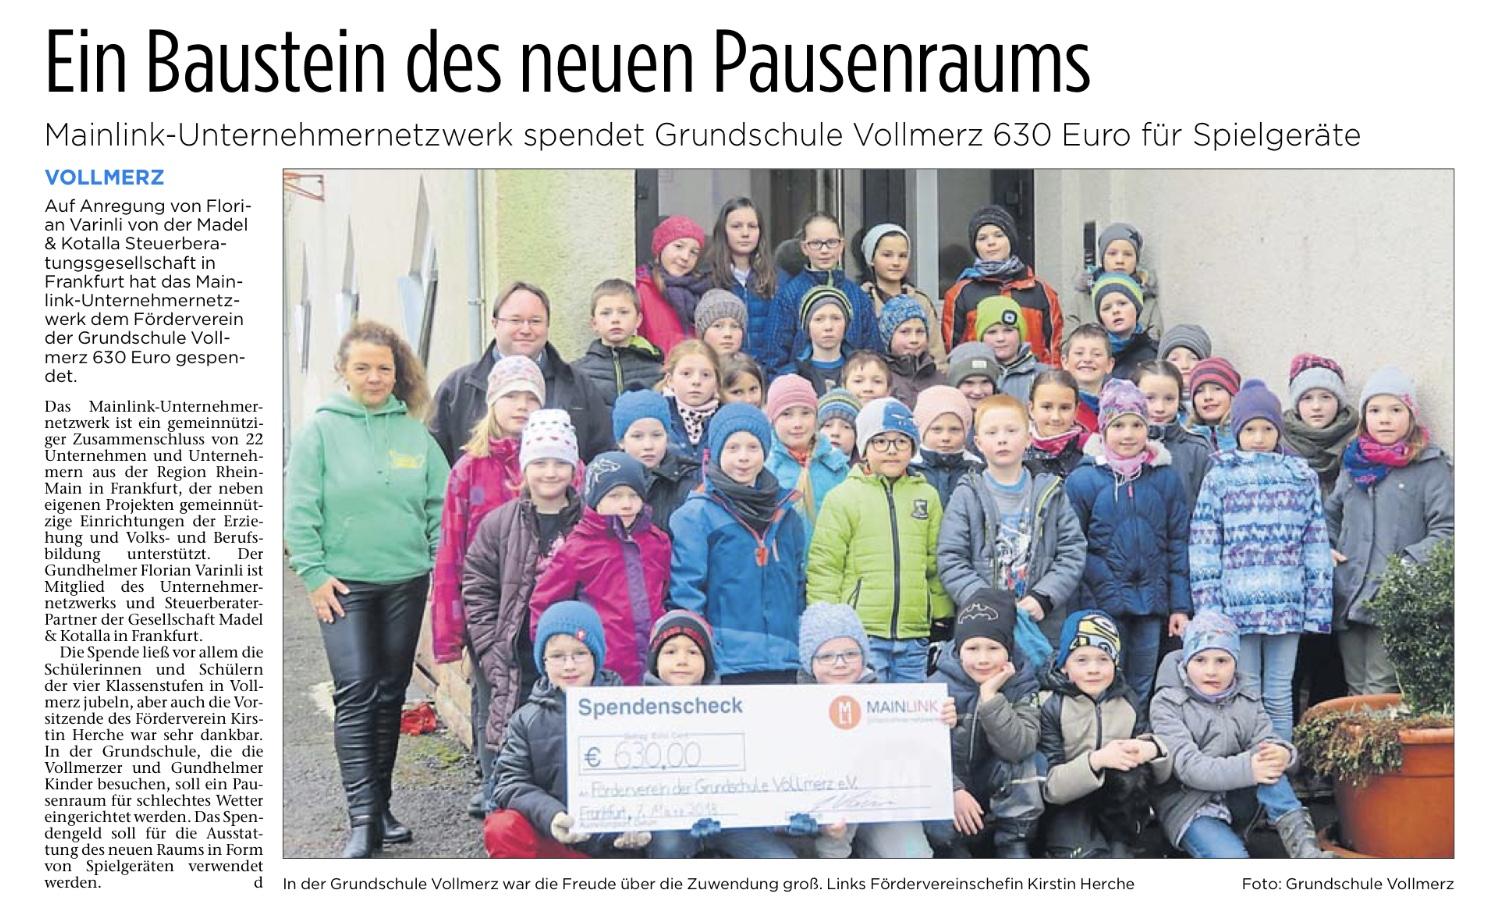 Mainlink-Unternehmer-Netzwerk-Spende-Grundschule Vollmerz